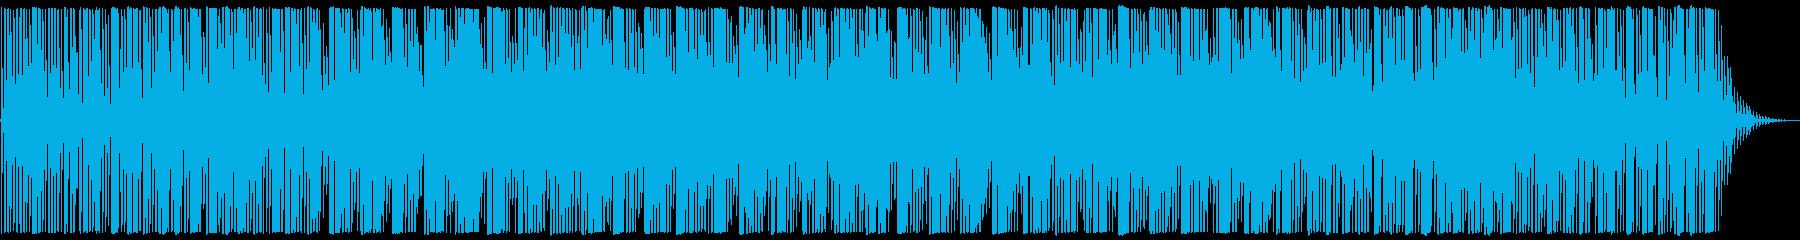 実験的な 緊張感 テクノロジー 暗...の再生済みの波形